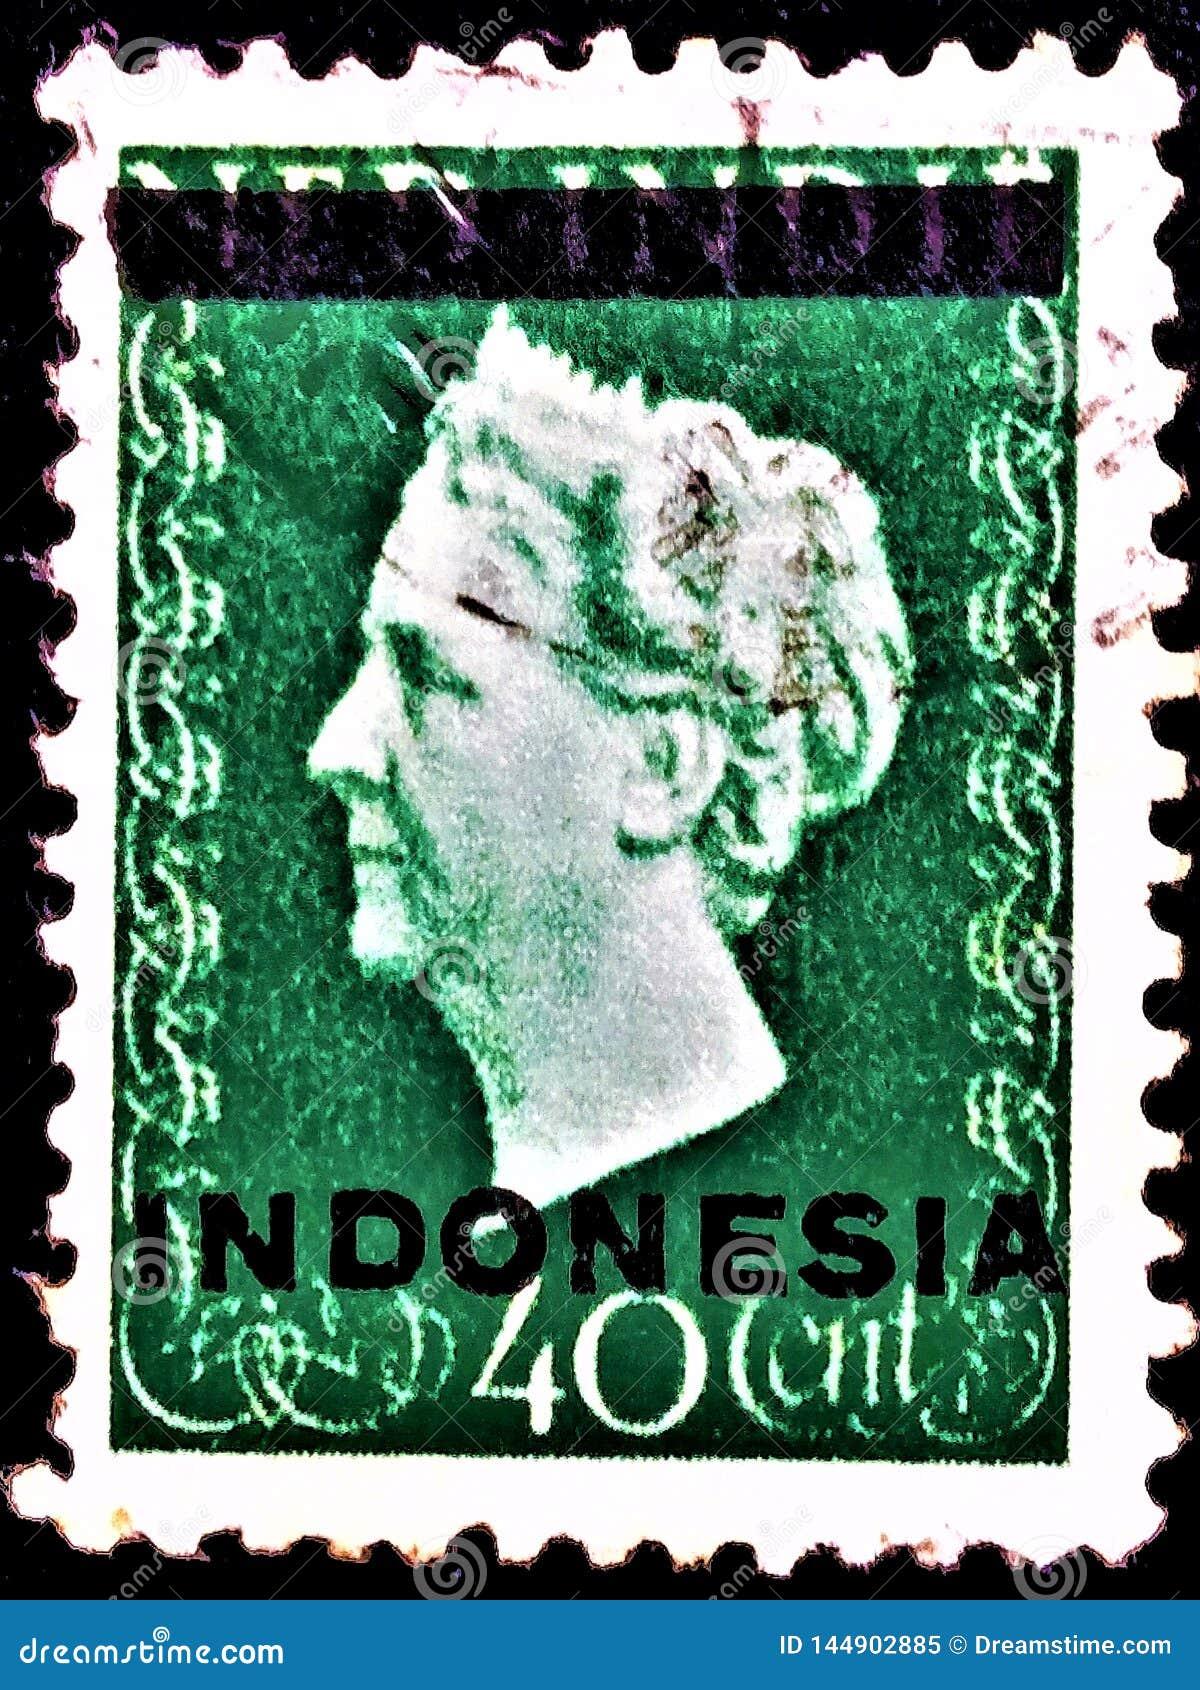 ZNACZKI INDONEZJA, NED INDIE STARZY znaczki